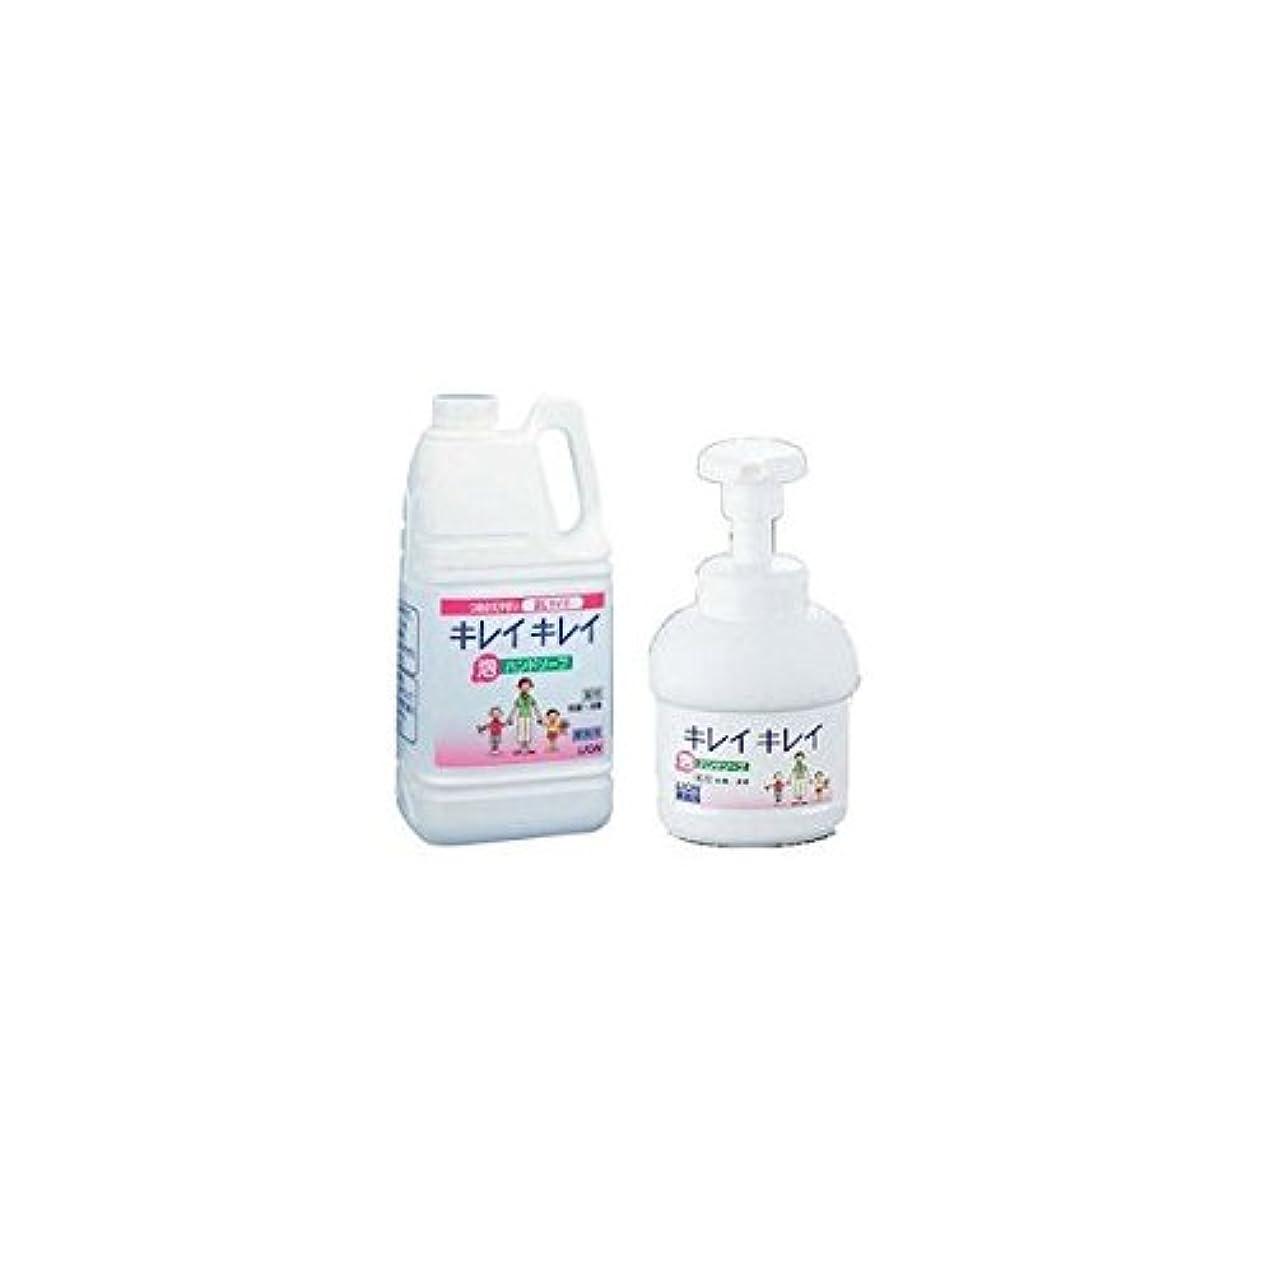 学習不十分借りているライオン キレイキレイ薬用泡ハンドソープ 2L(250MLポンプ付) 【品番】JHV2501